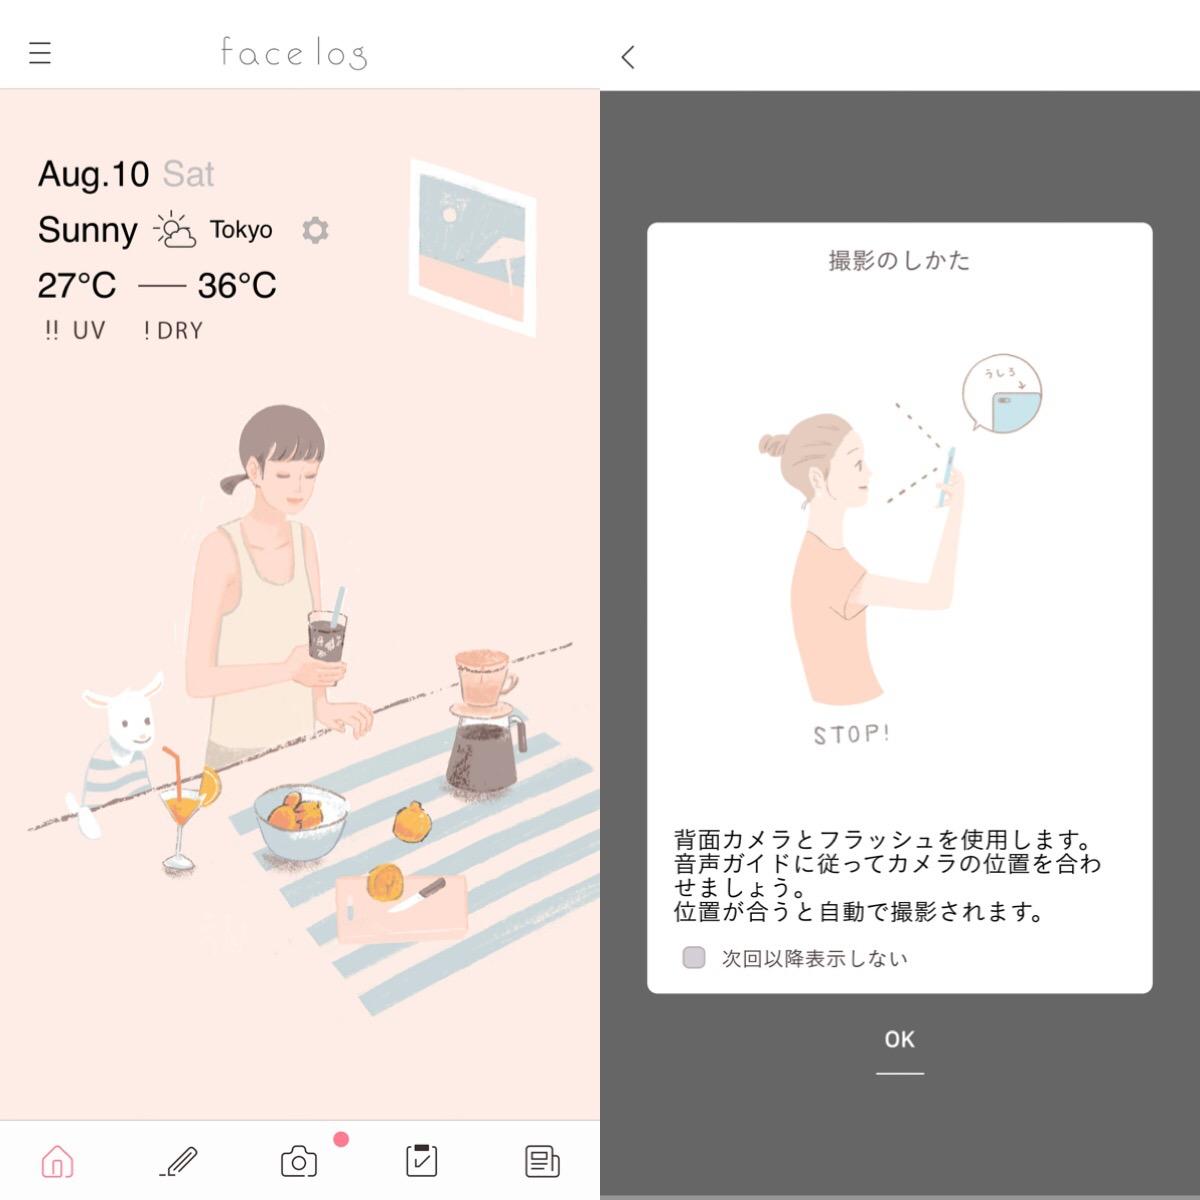 画像2: アプリで自分の顔を撮影するだけで肌年齢が出る!ドコモ以外の人でも使えます。